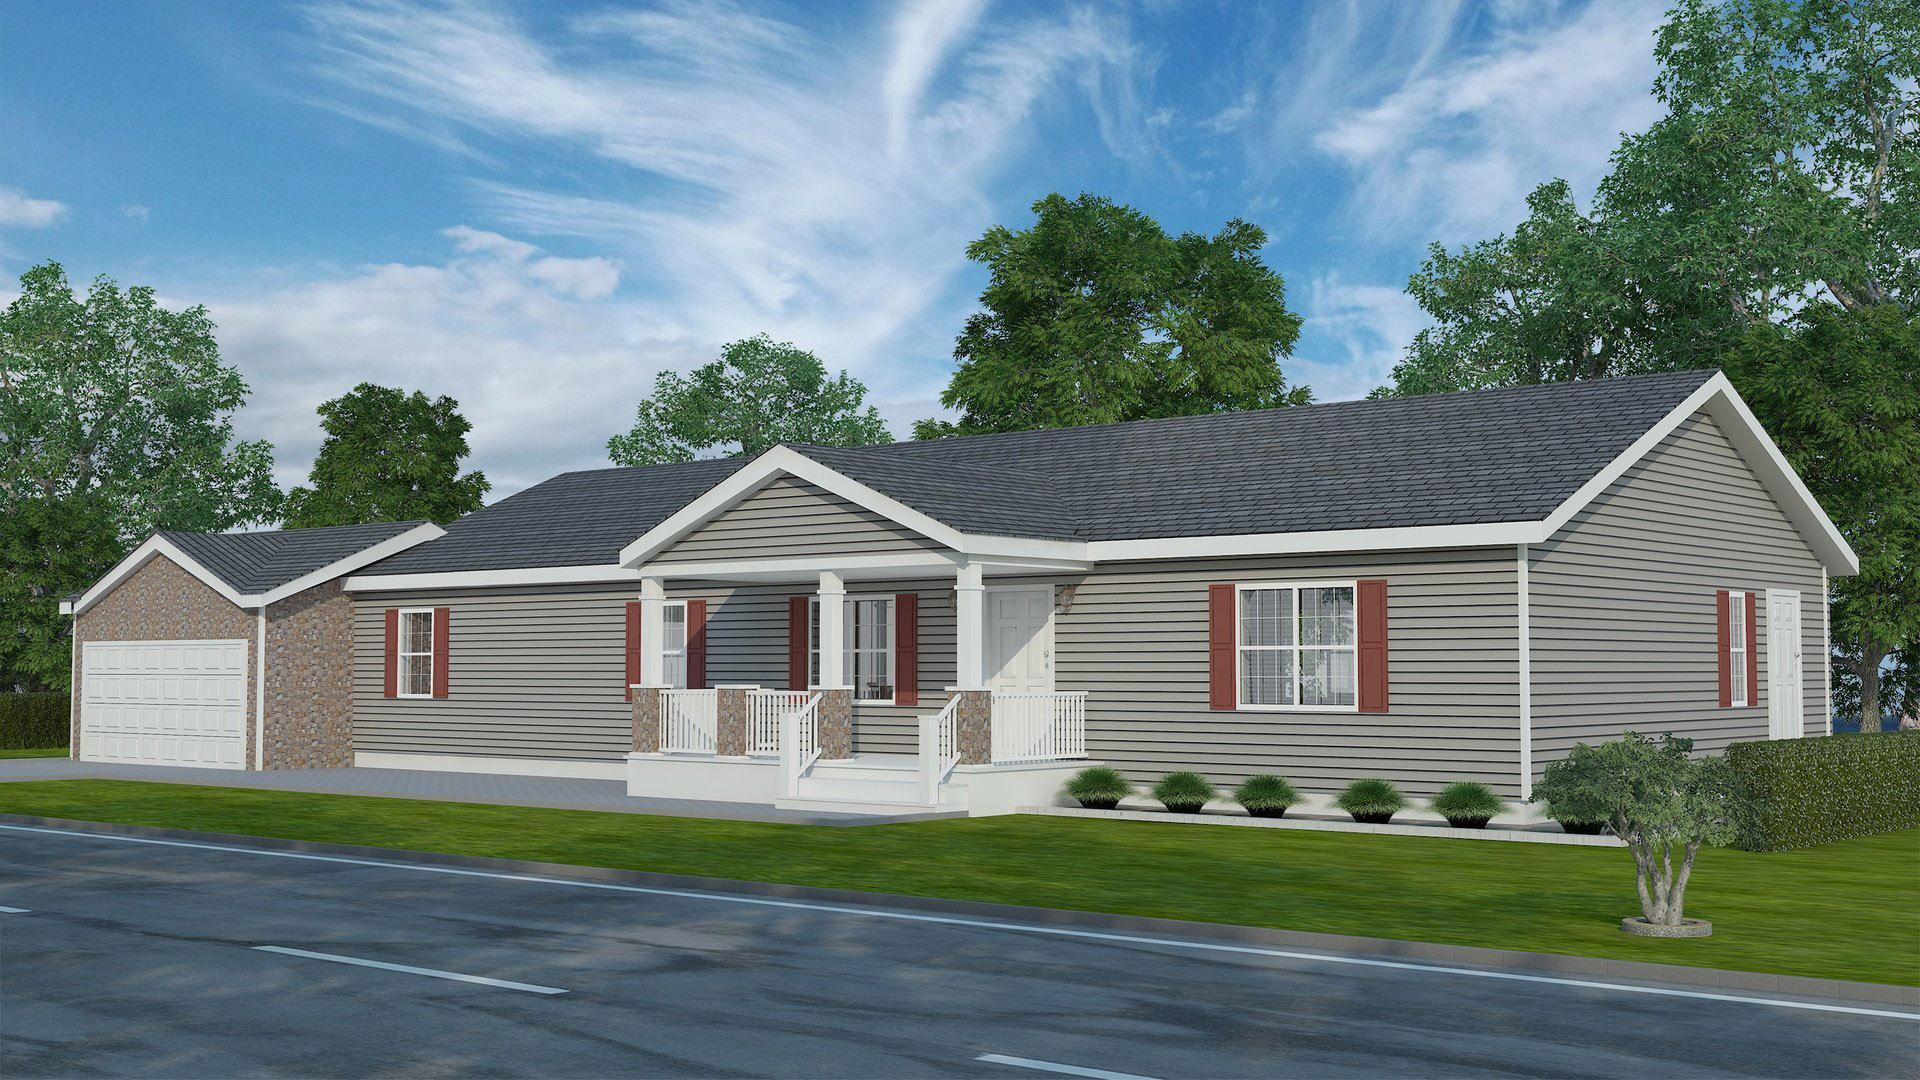 Maple Ranch Modular Home U2013 1,760 SF U2013 4 Bed 2 Bath